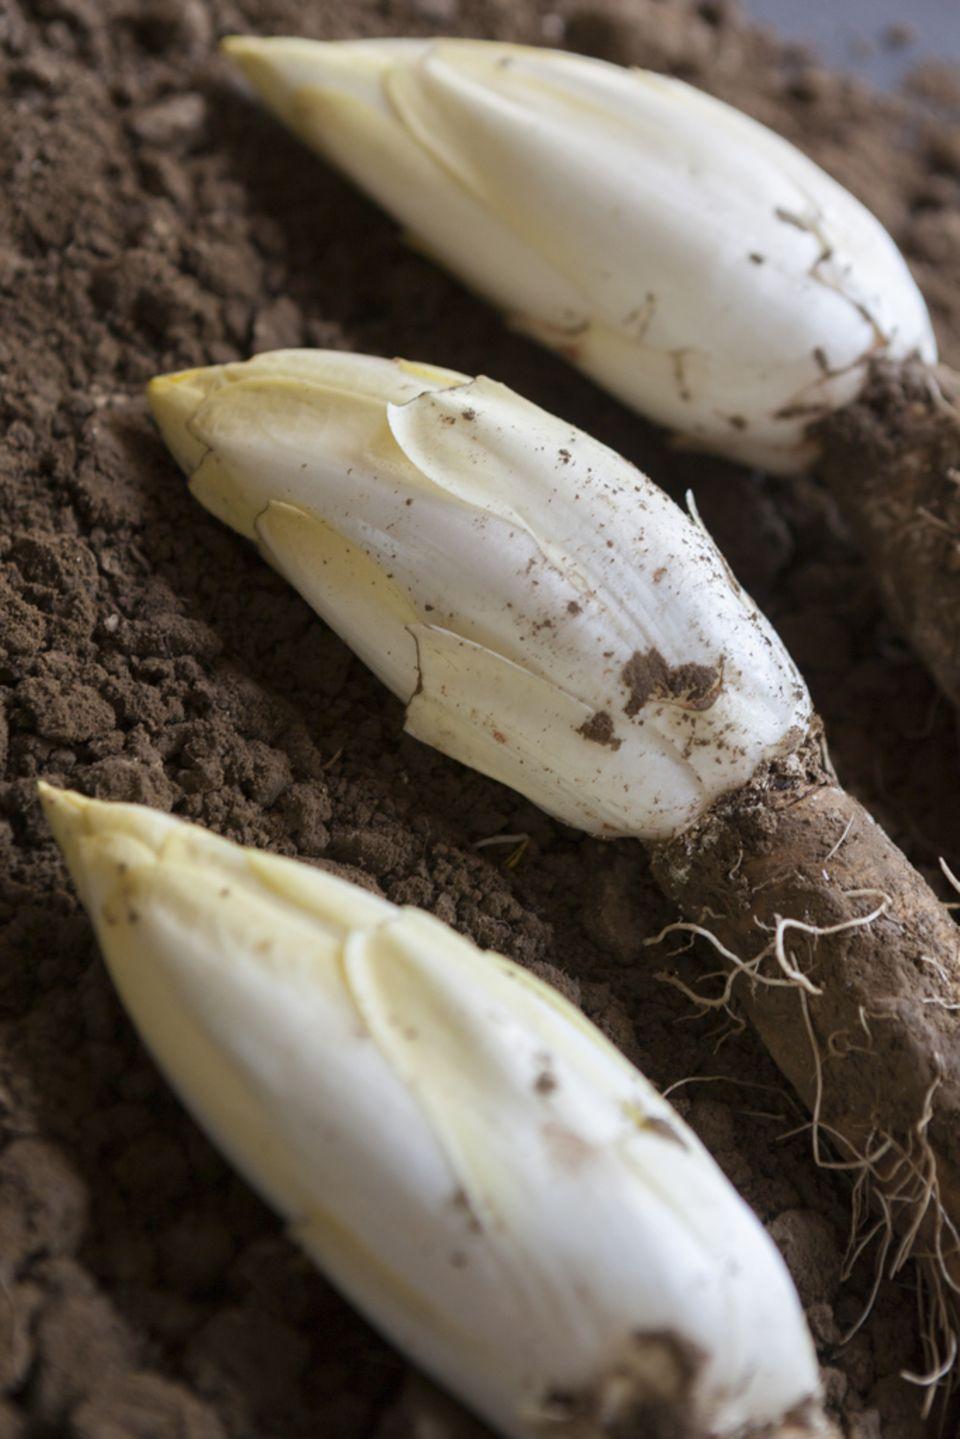 Der Chicorée wächst als Blattknospe auf der Zichorienwurzel